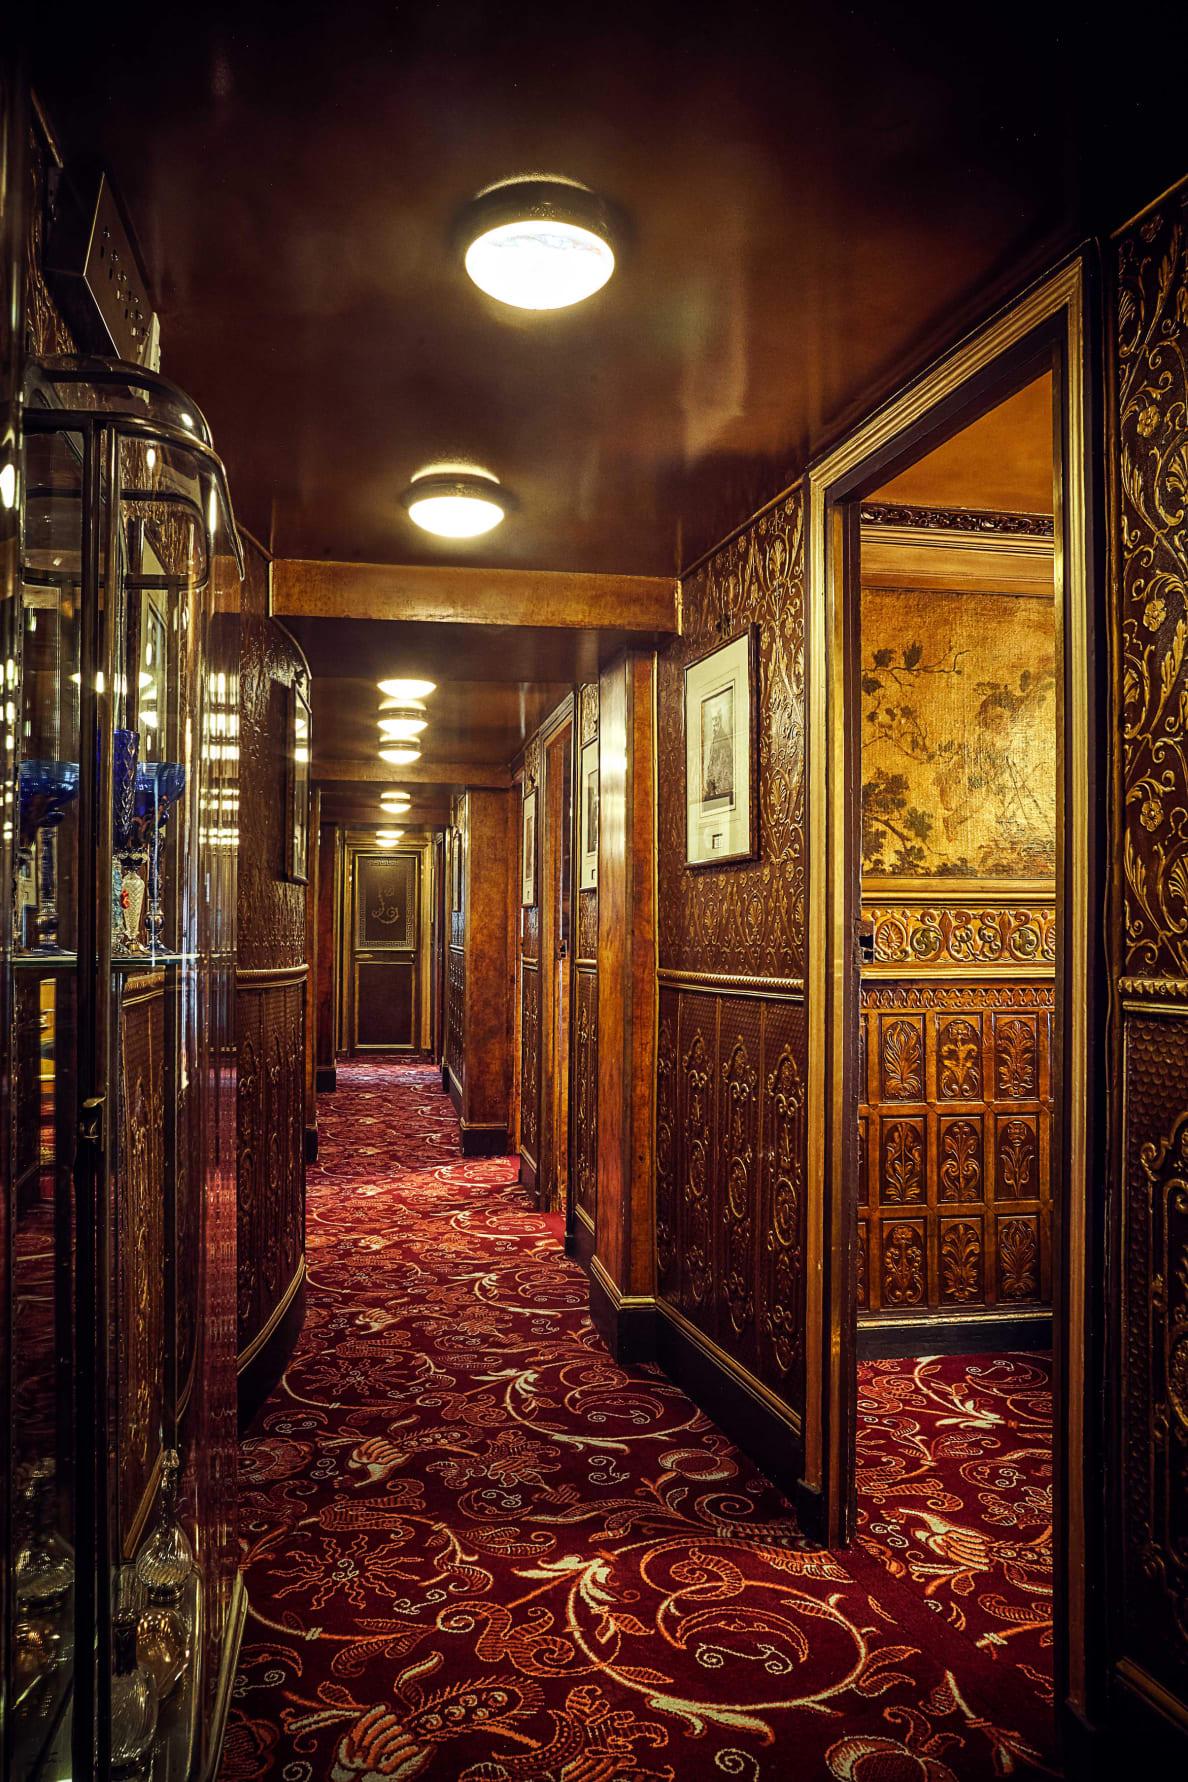 190728-Zaleski-paris-sex-restaurant-embed-2_yidlyy